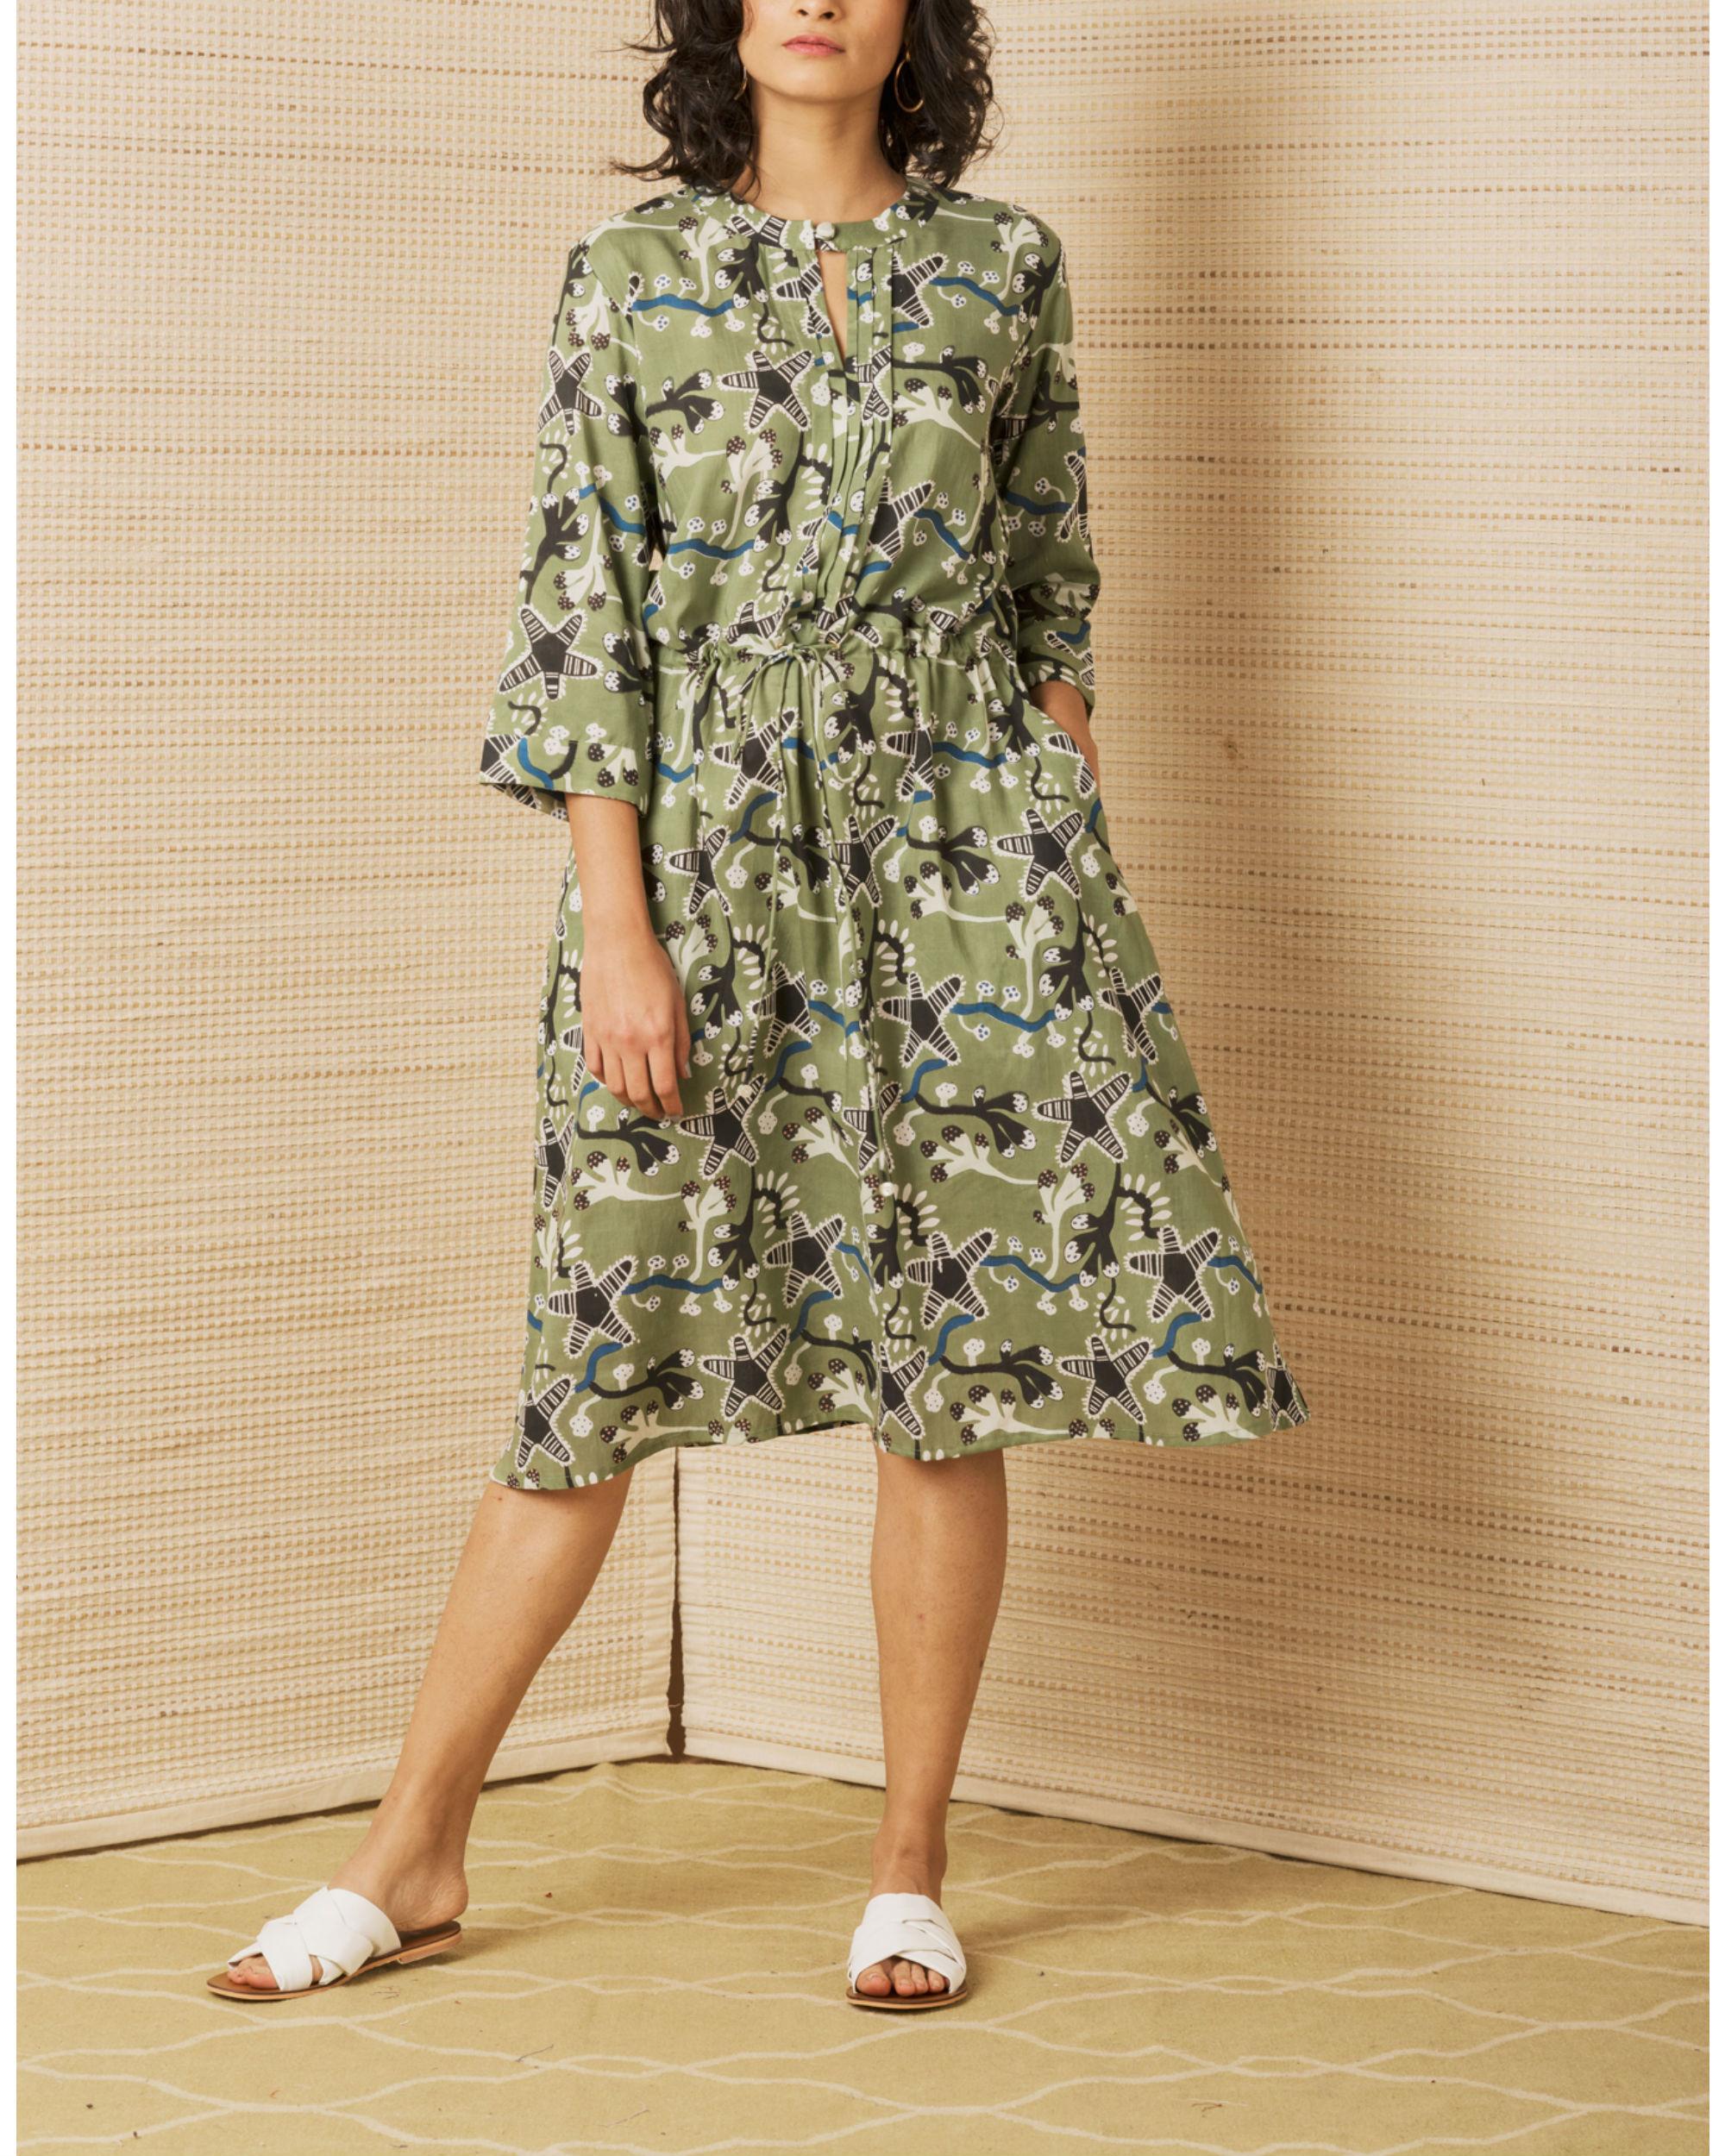 Moss Green Day Dress